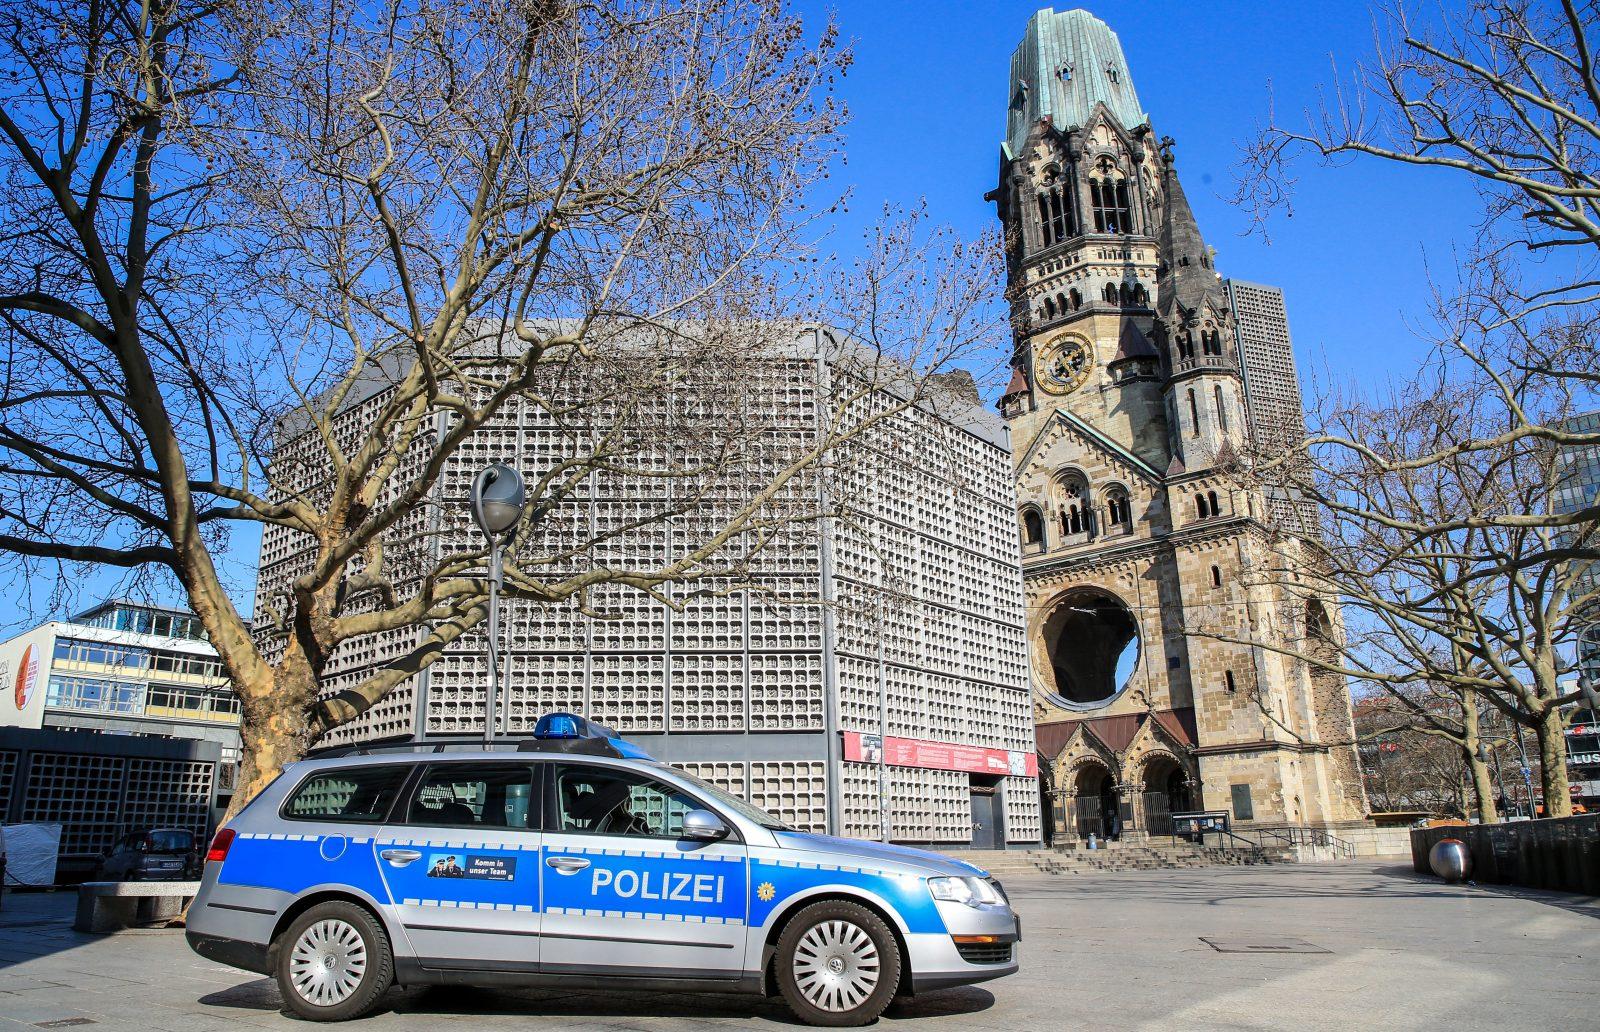 Polizeiwagen vor Kaiser-Wilhelm-Gedächtniskirche in Berlin Foto: picture alliance